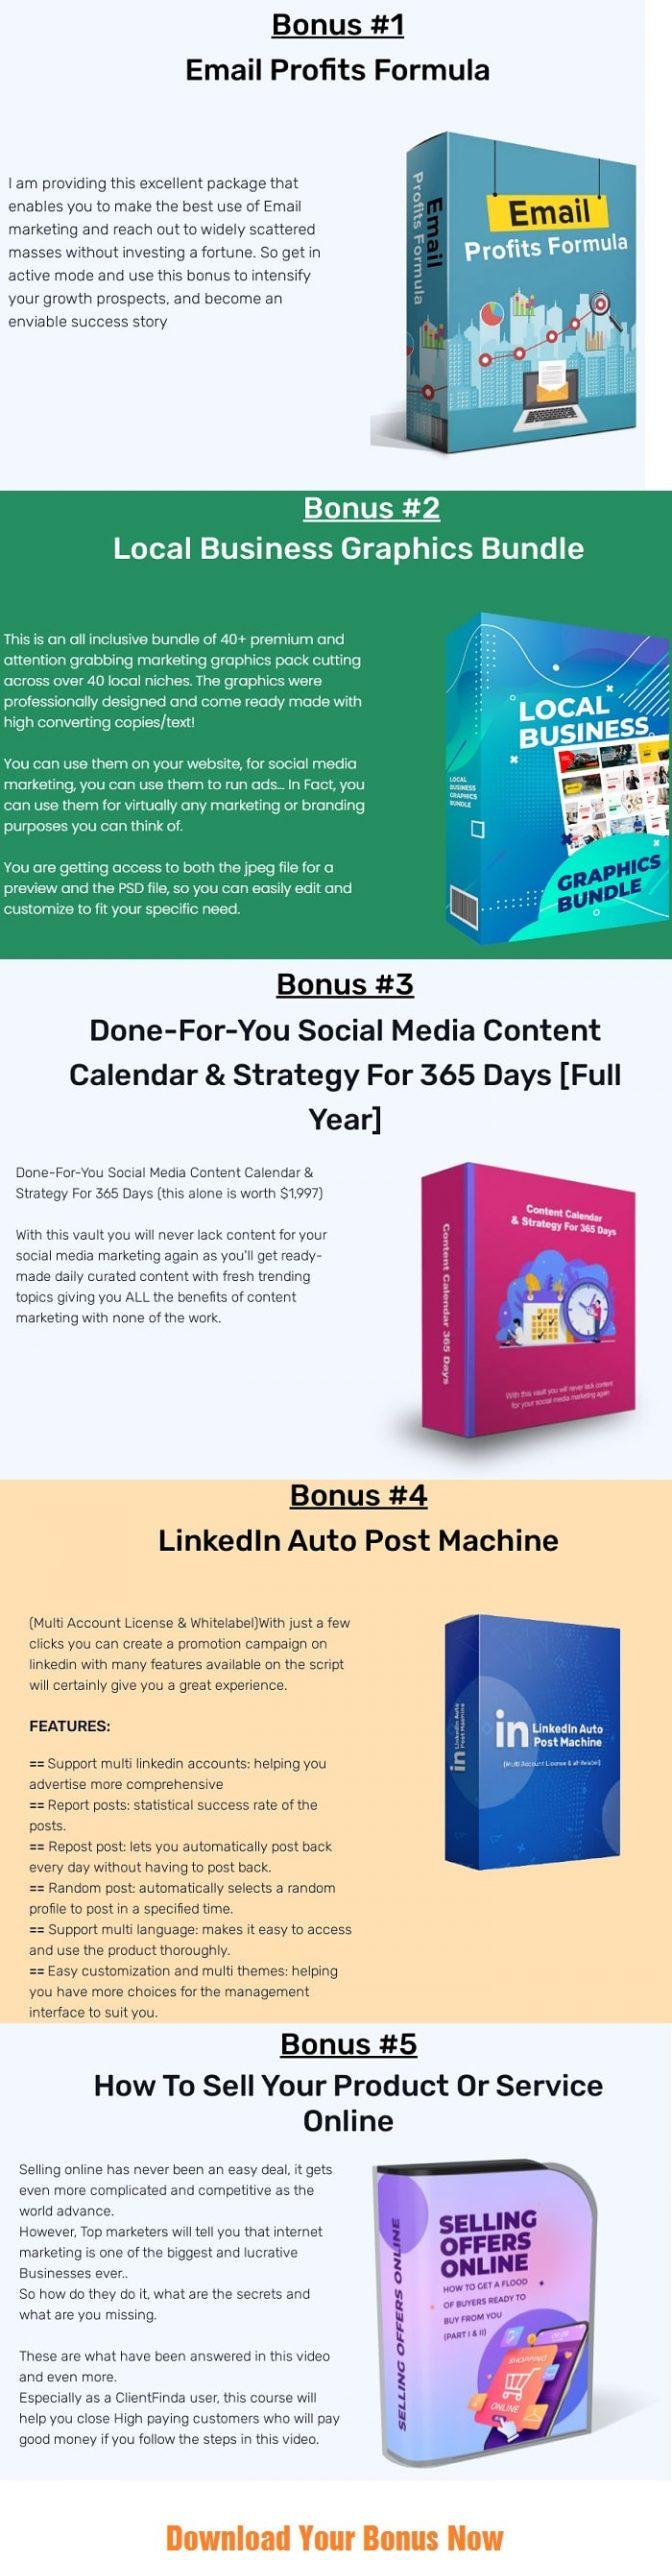 ClientFinda Bonus